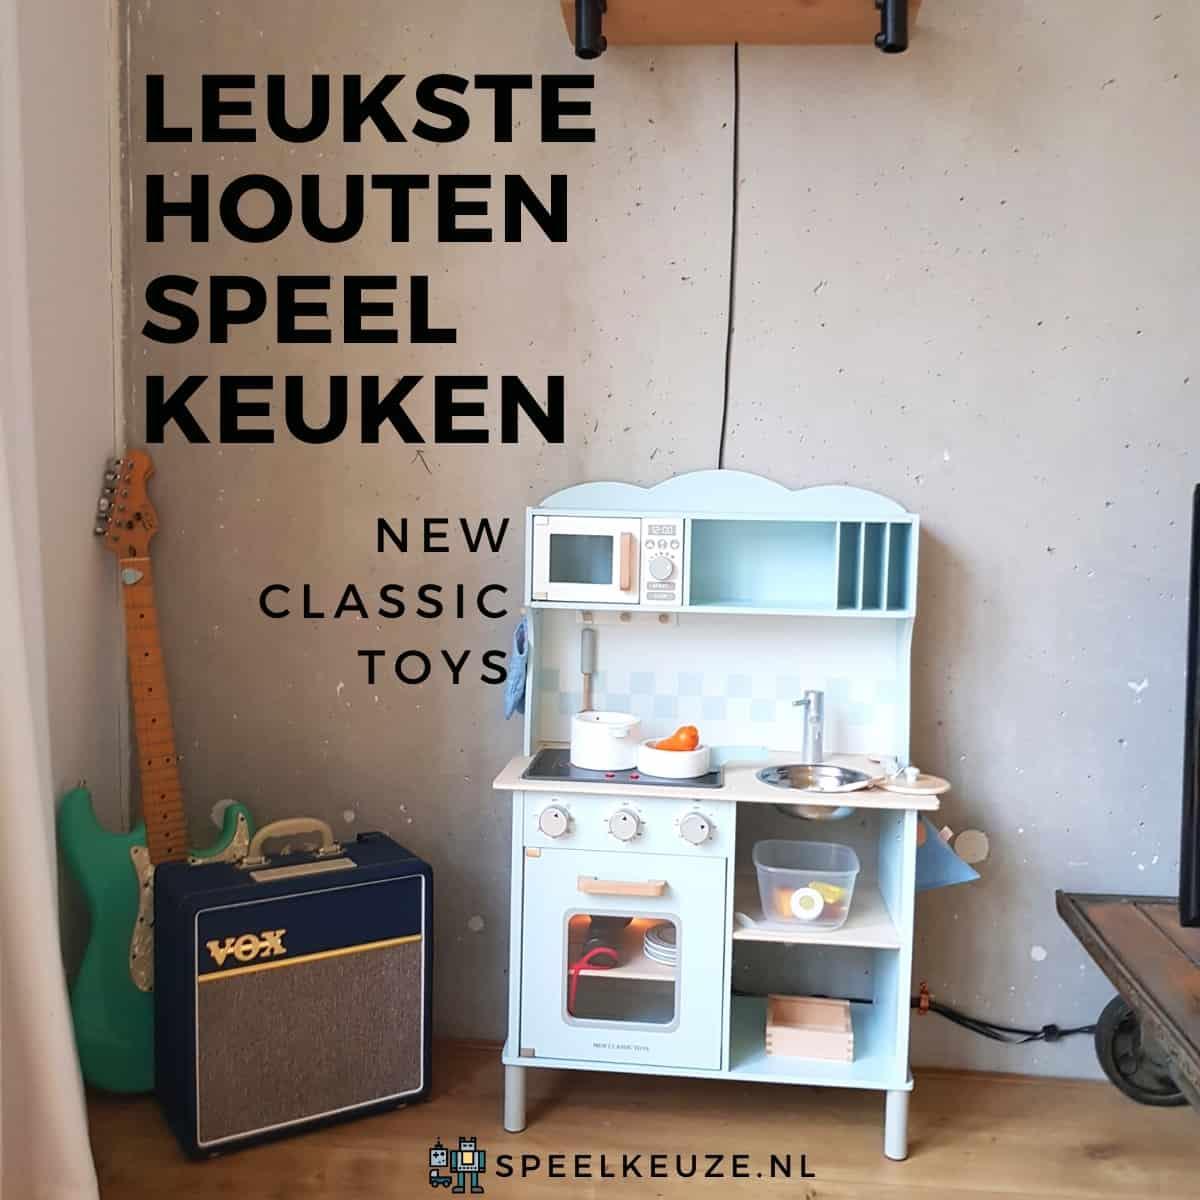 Beste houten speelkeuken: New Classic Toys Bon Appetit